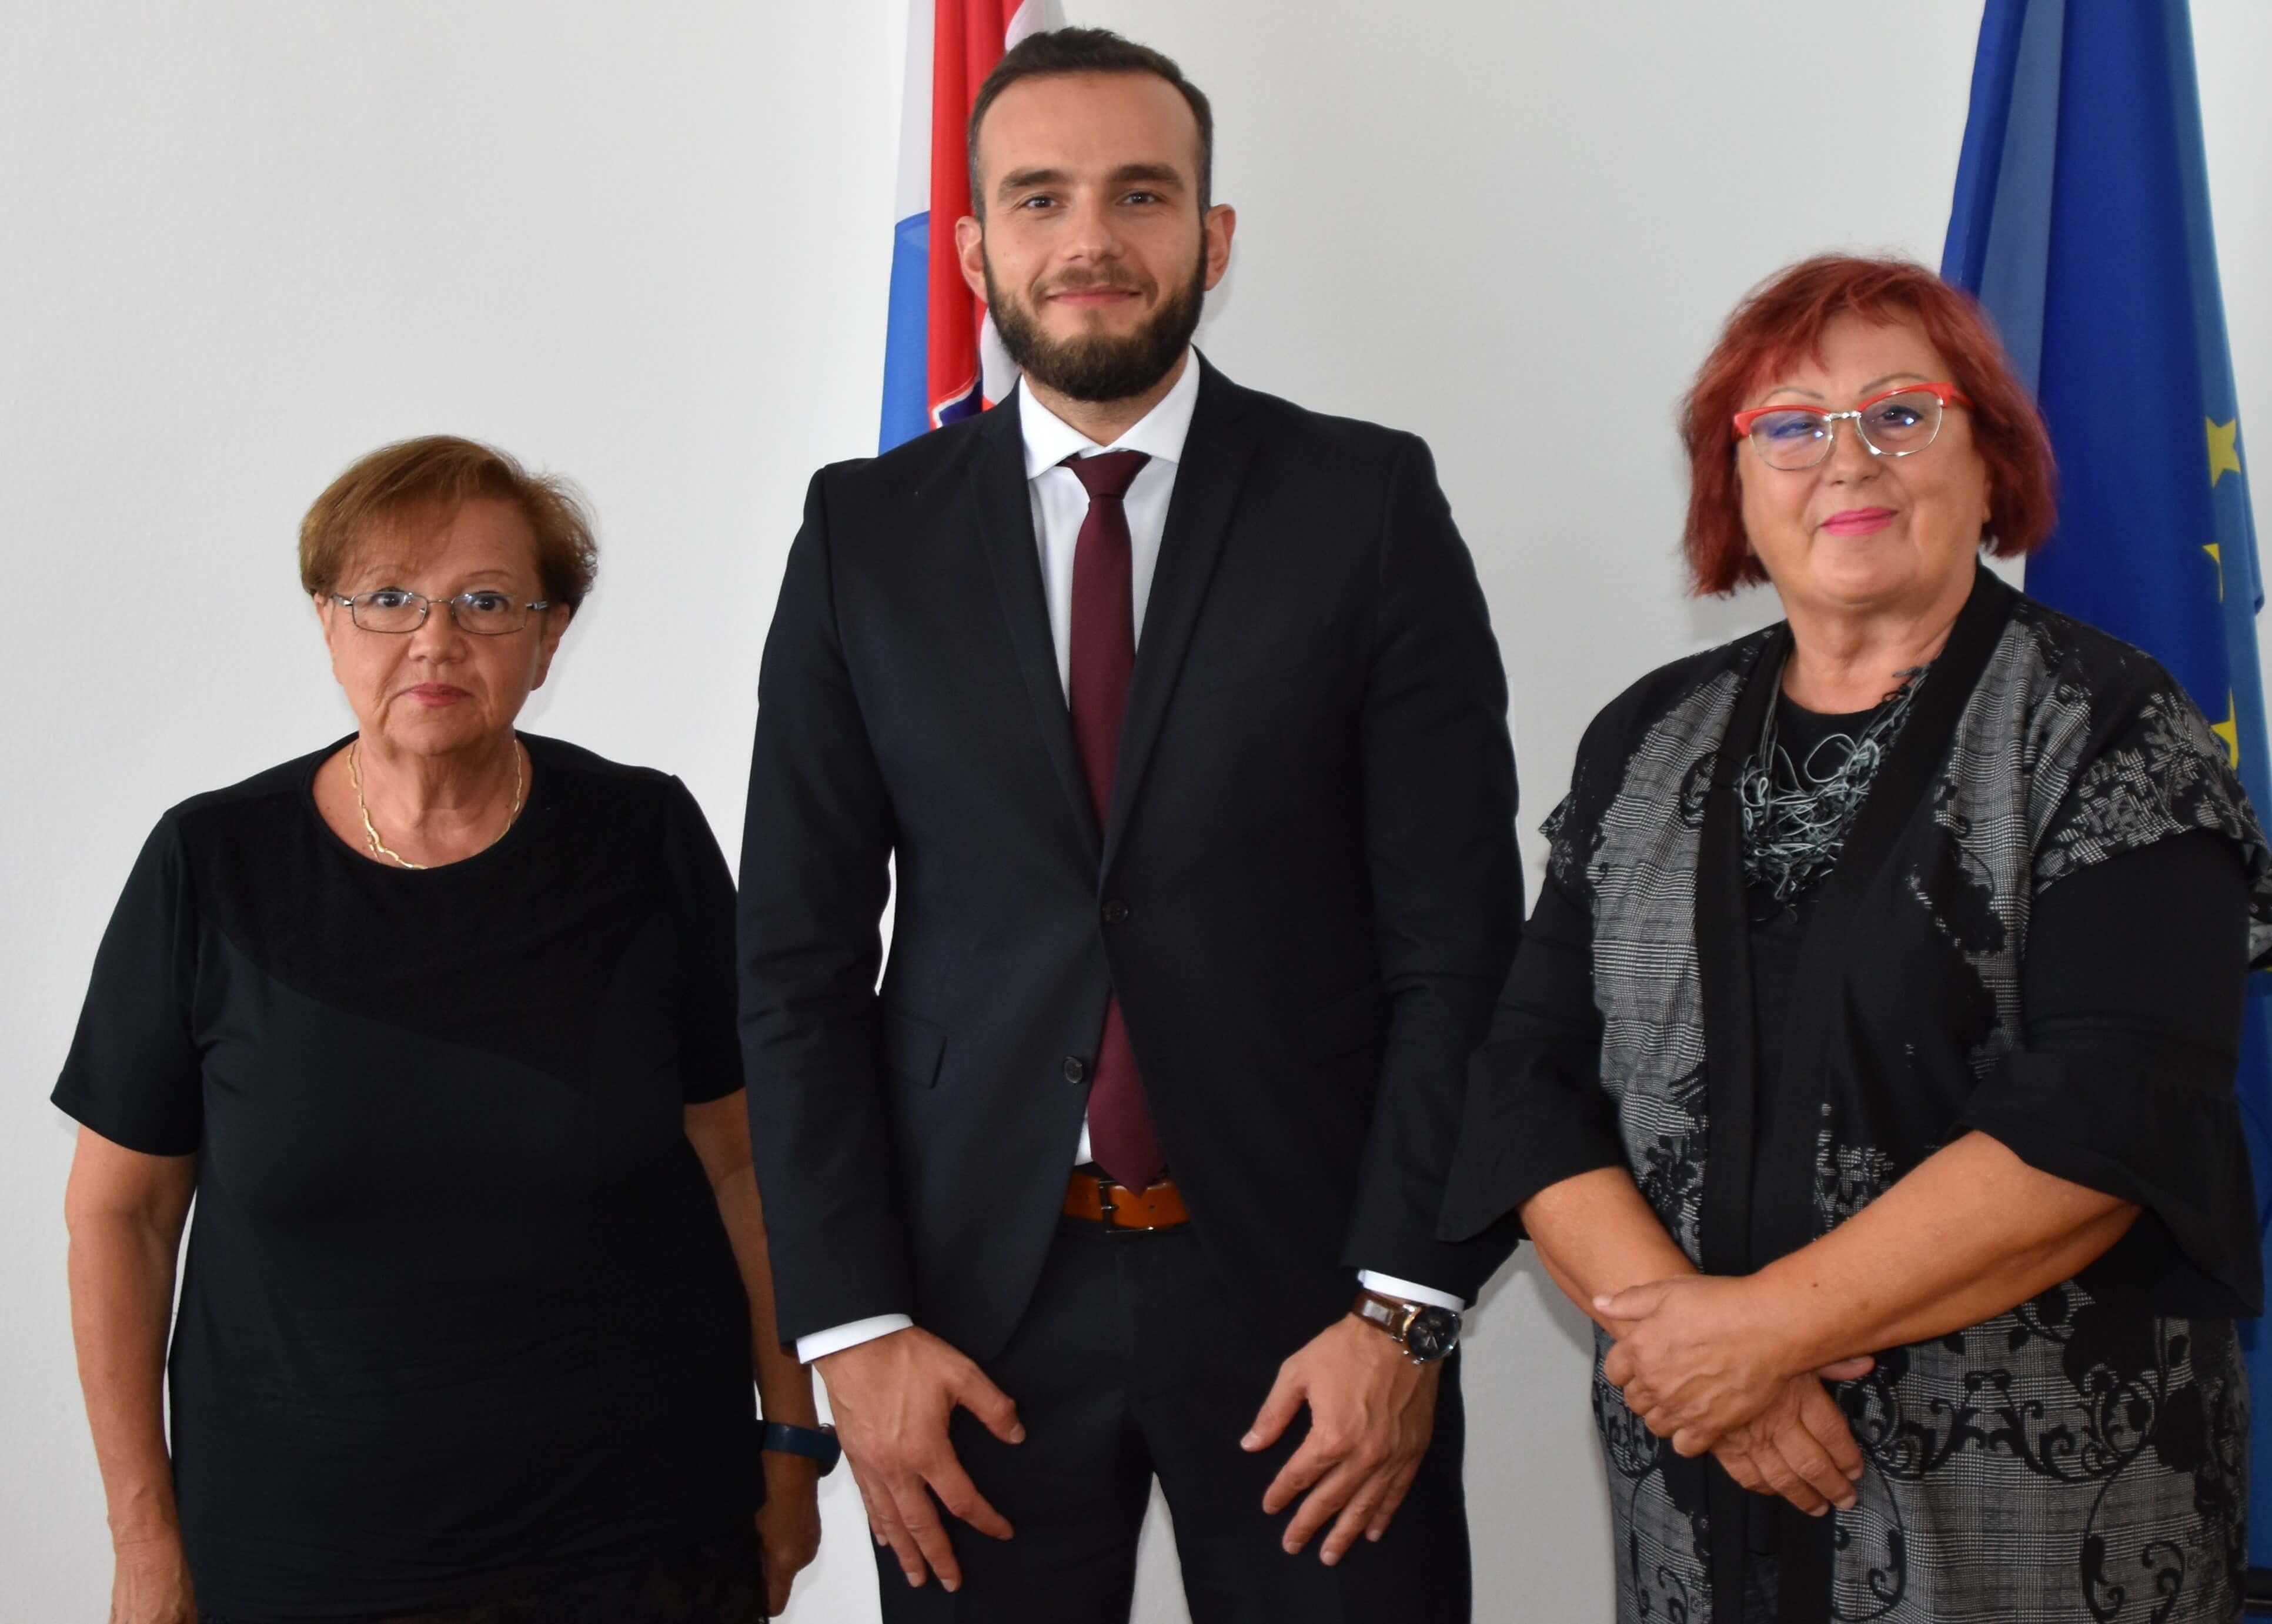 Raste cenzus: Što su umirovljeničke udruge dogovorile s premijerom Plenkovićem?